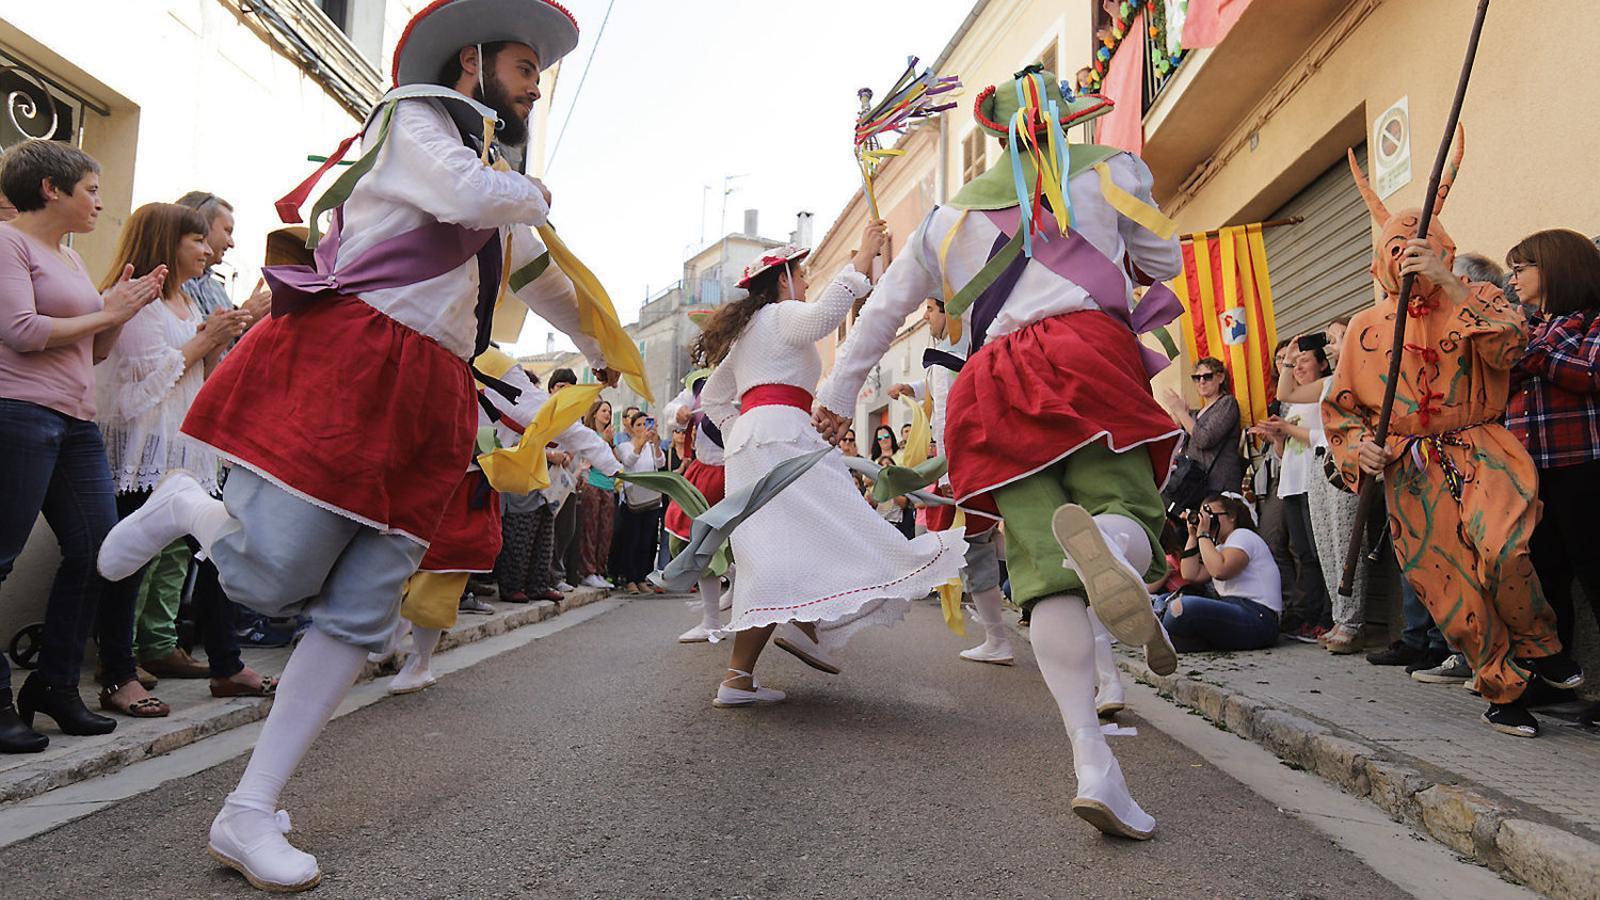 Els Cossiers dansaren durant més de tres hores pels carrers més cèntrics de la ciutat, abans d'oferir el darrer ball a les autoritats. La ciutat està de festa major.